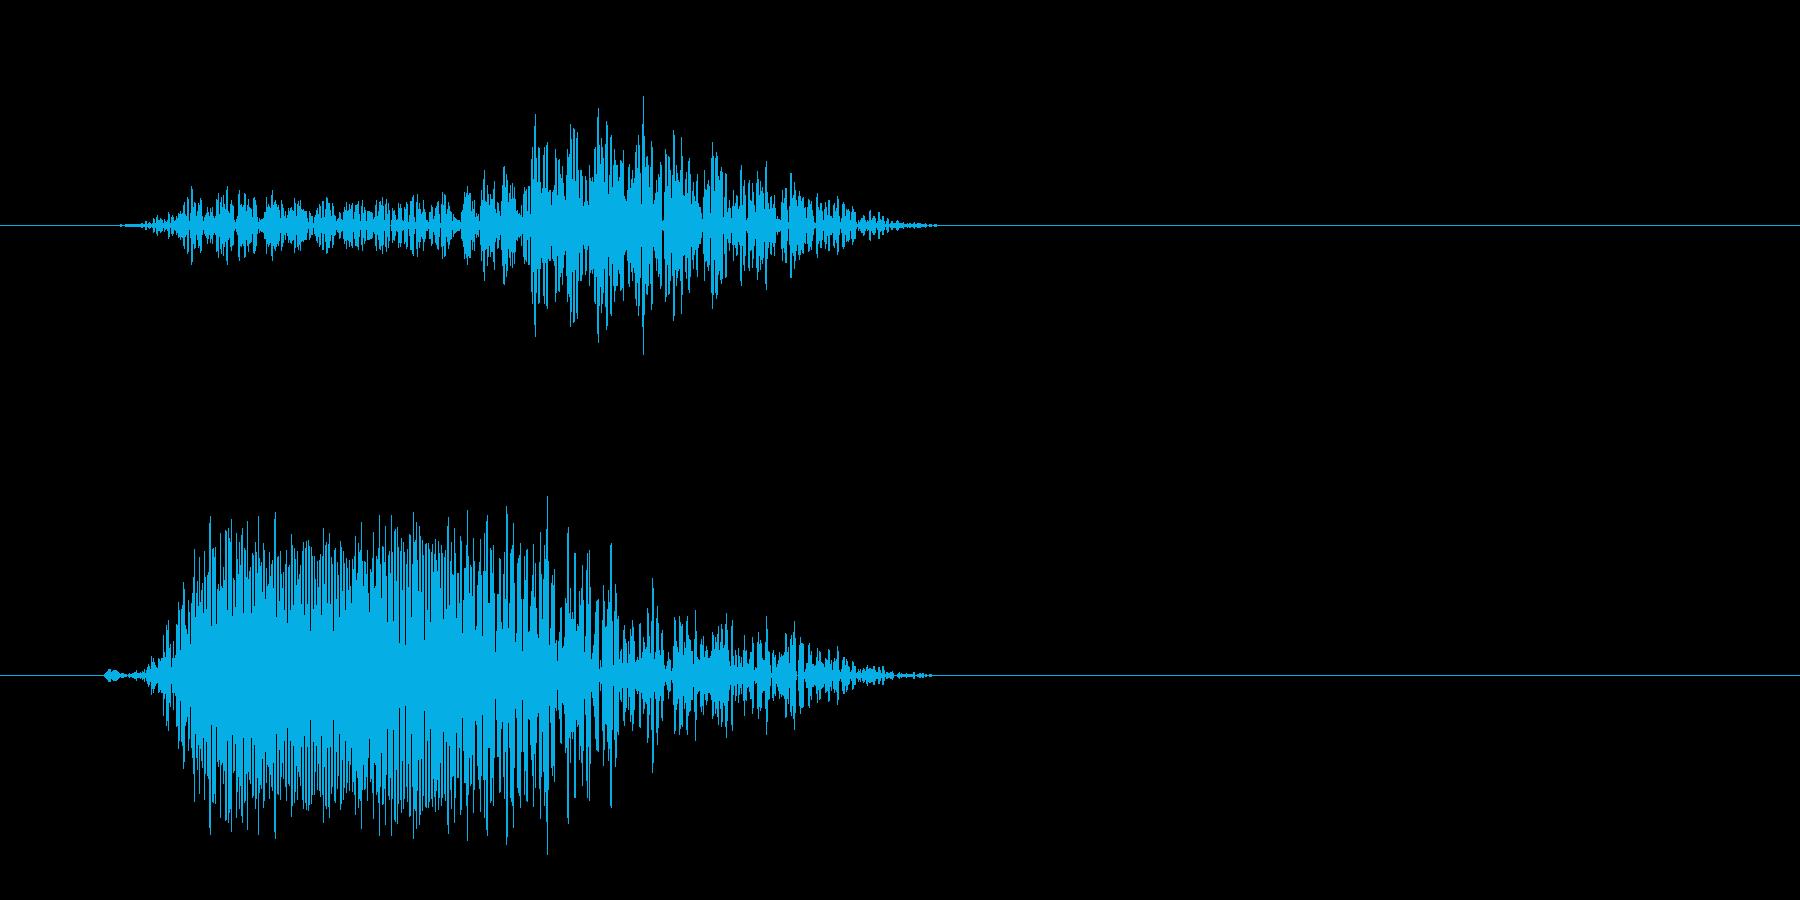 チュッと鳴く小鳥の声の再生済みの波形